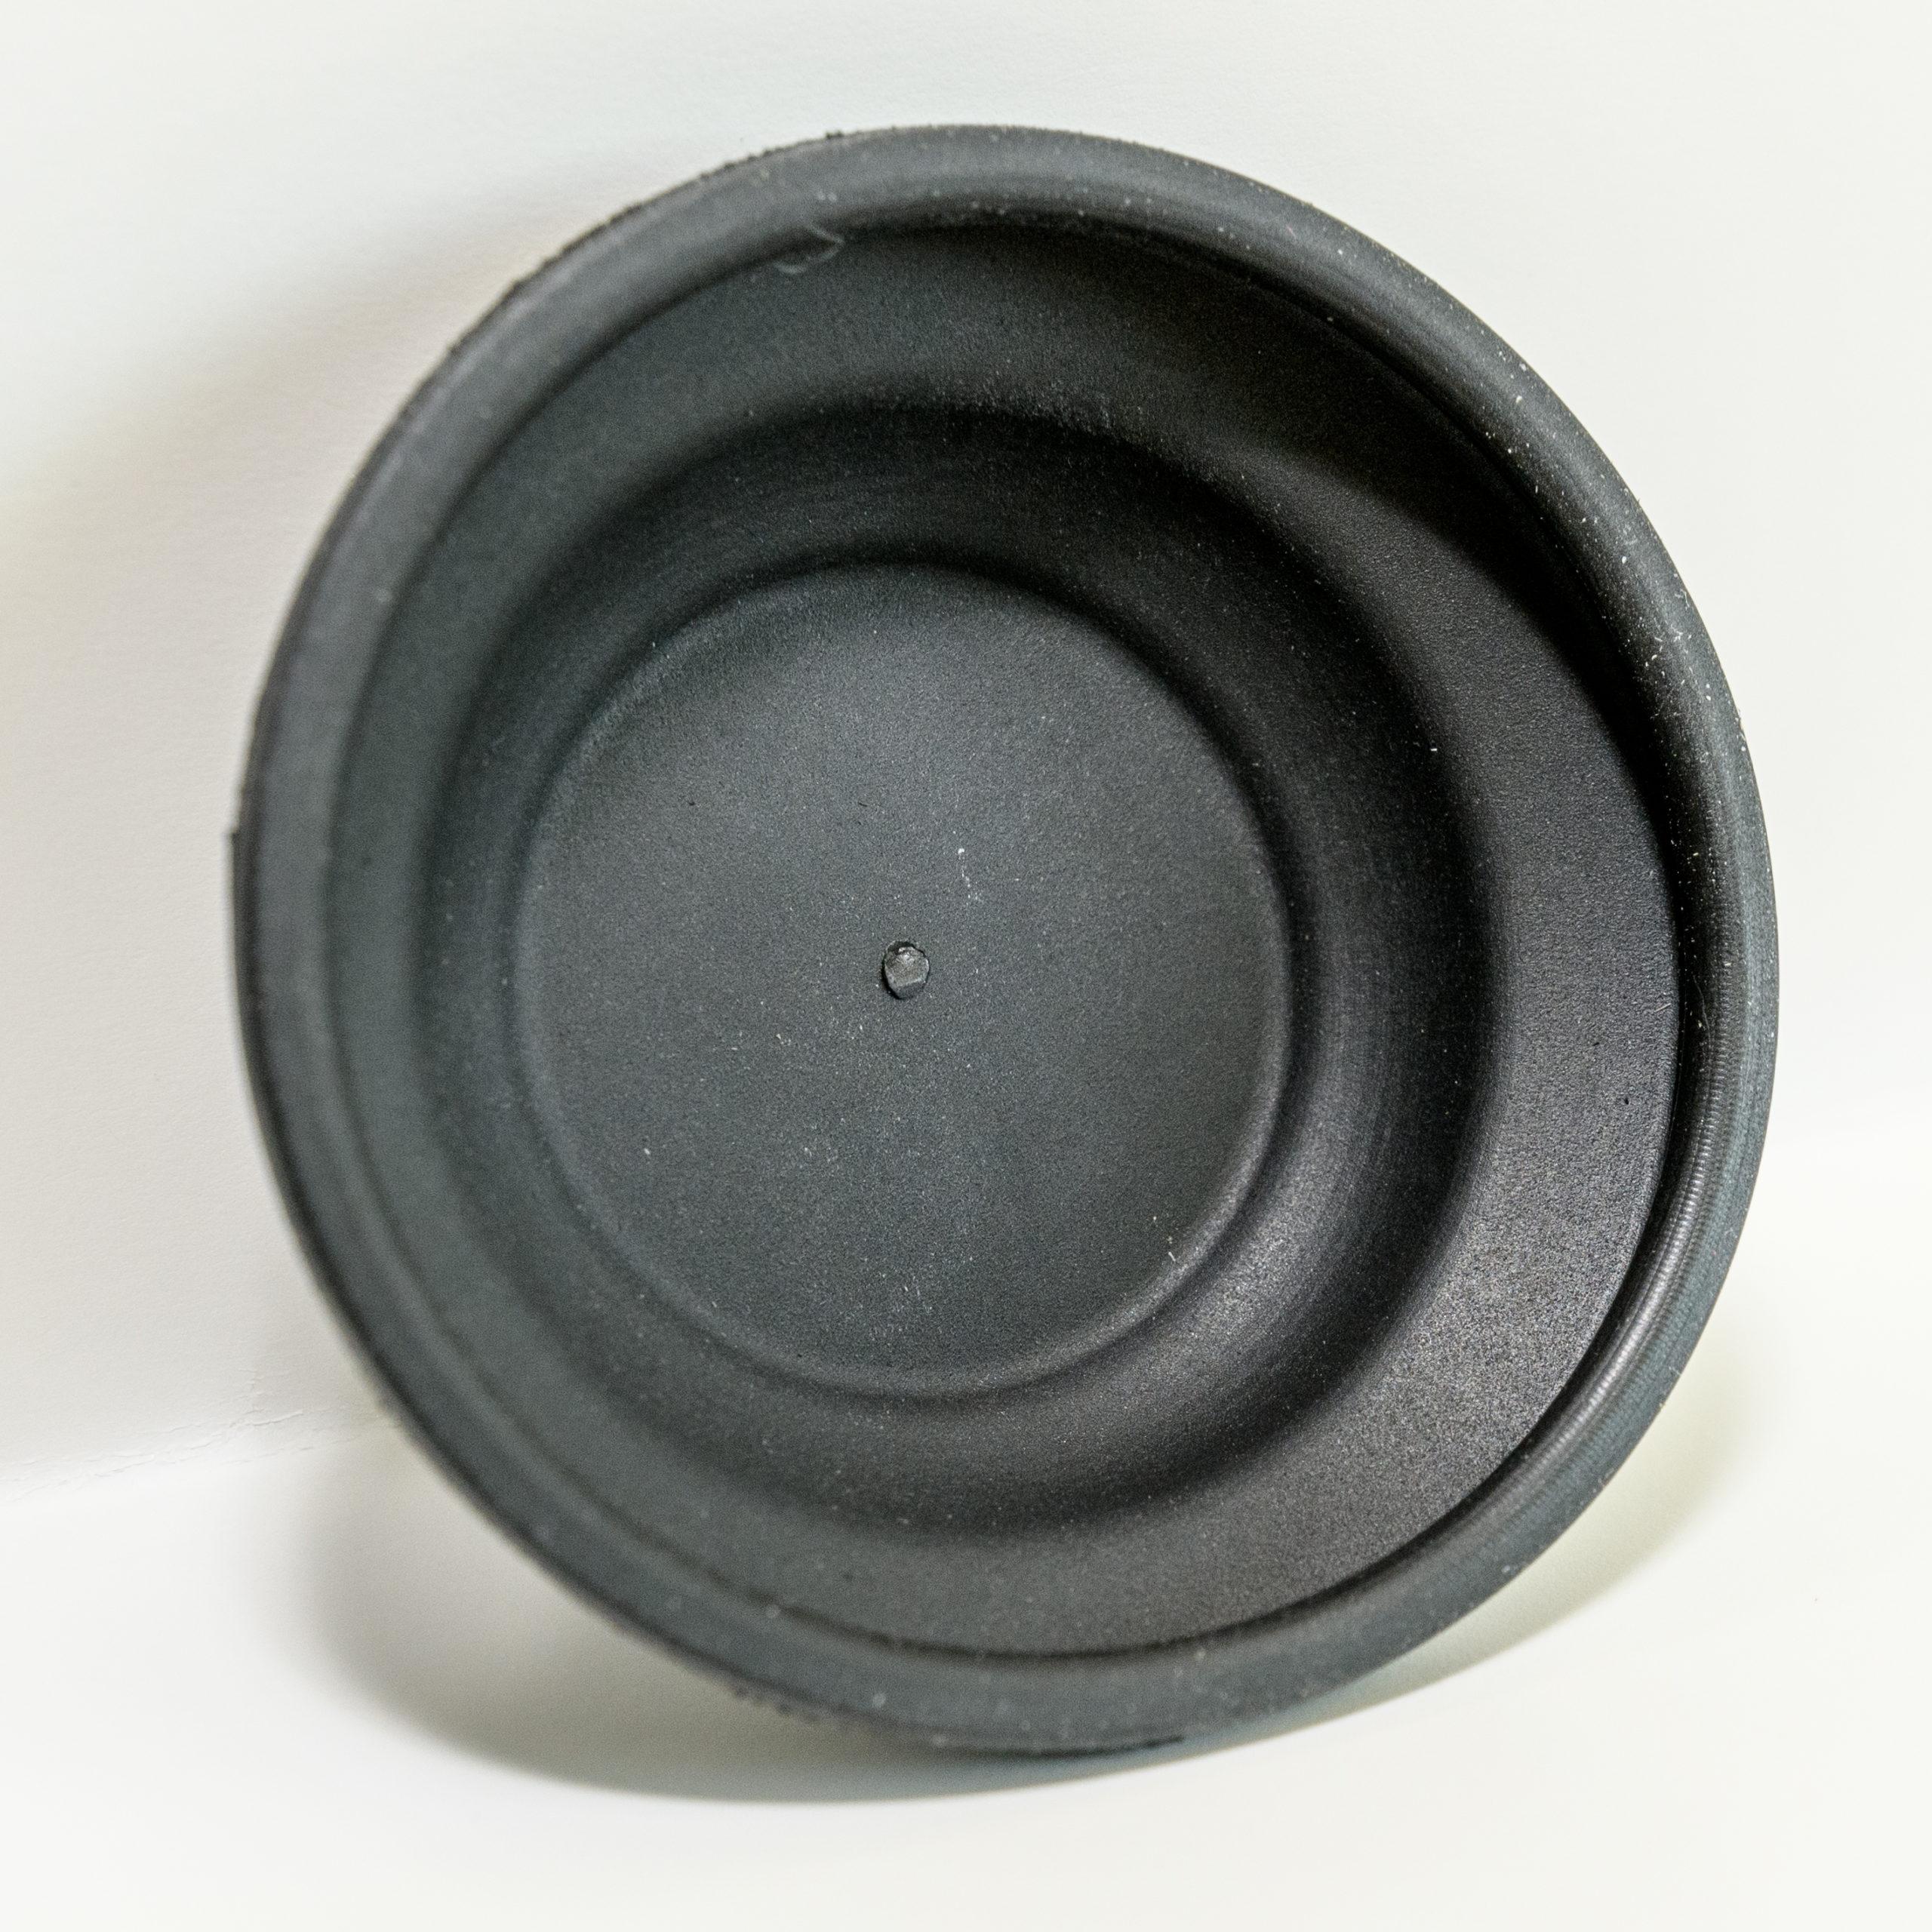 Vakuum-Manschette<br>für die Zentralverriegelung<br>ohne Metall<br>(für die Modelle W108/109 früh<br>und W111)